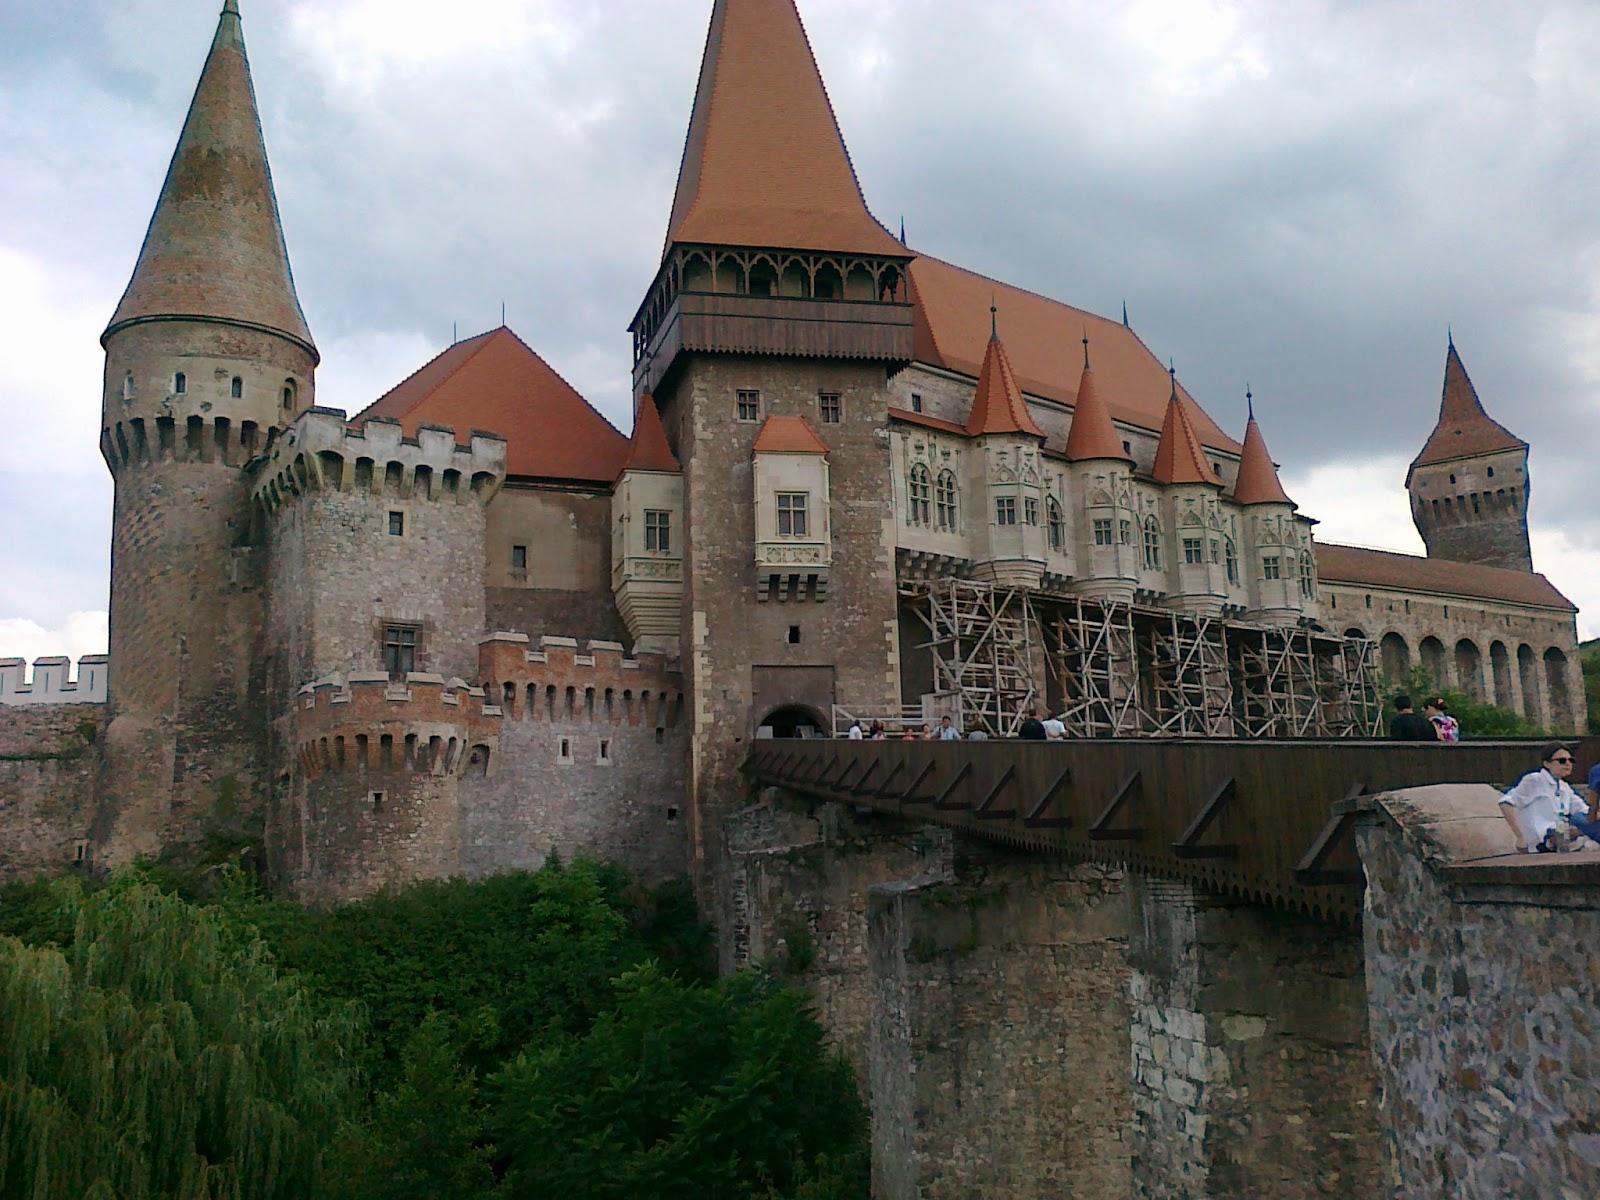 https://www.kempy-chaty.cz/sites/default/files/turistika/24072011327.jpg